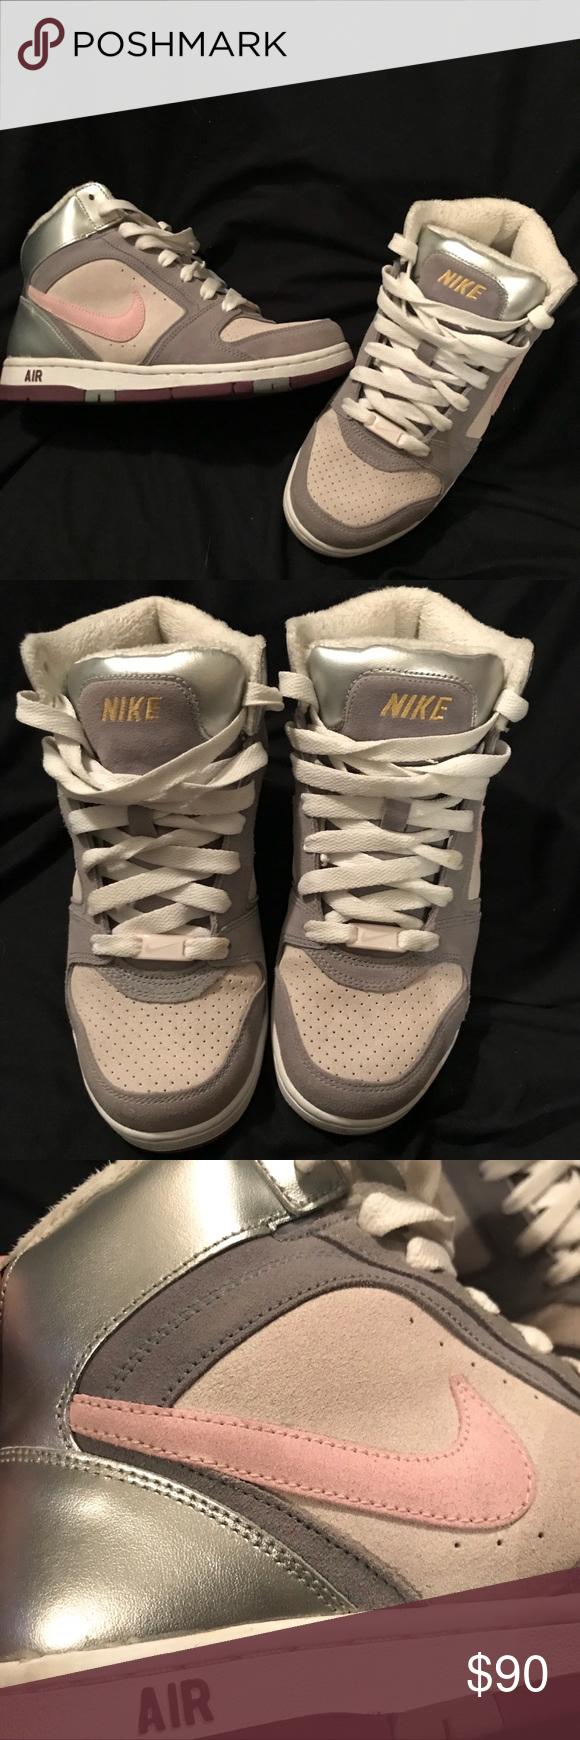 41+ Nike shoes no laces ideas info